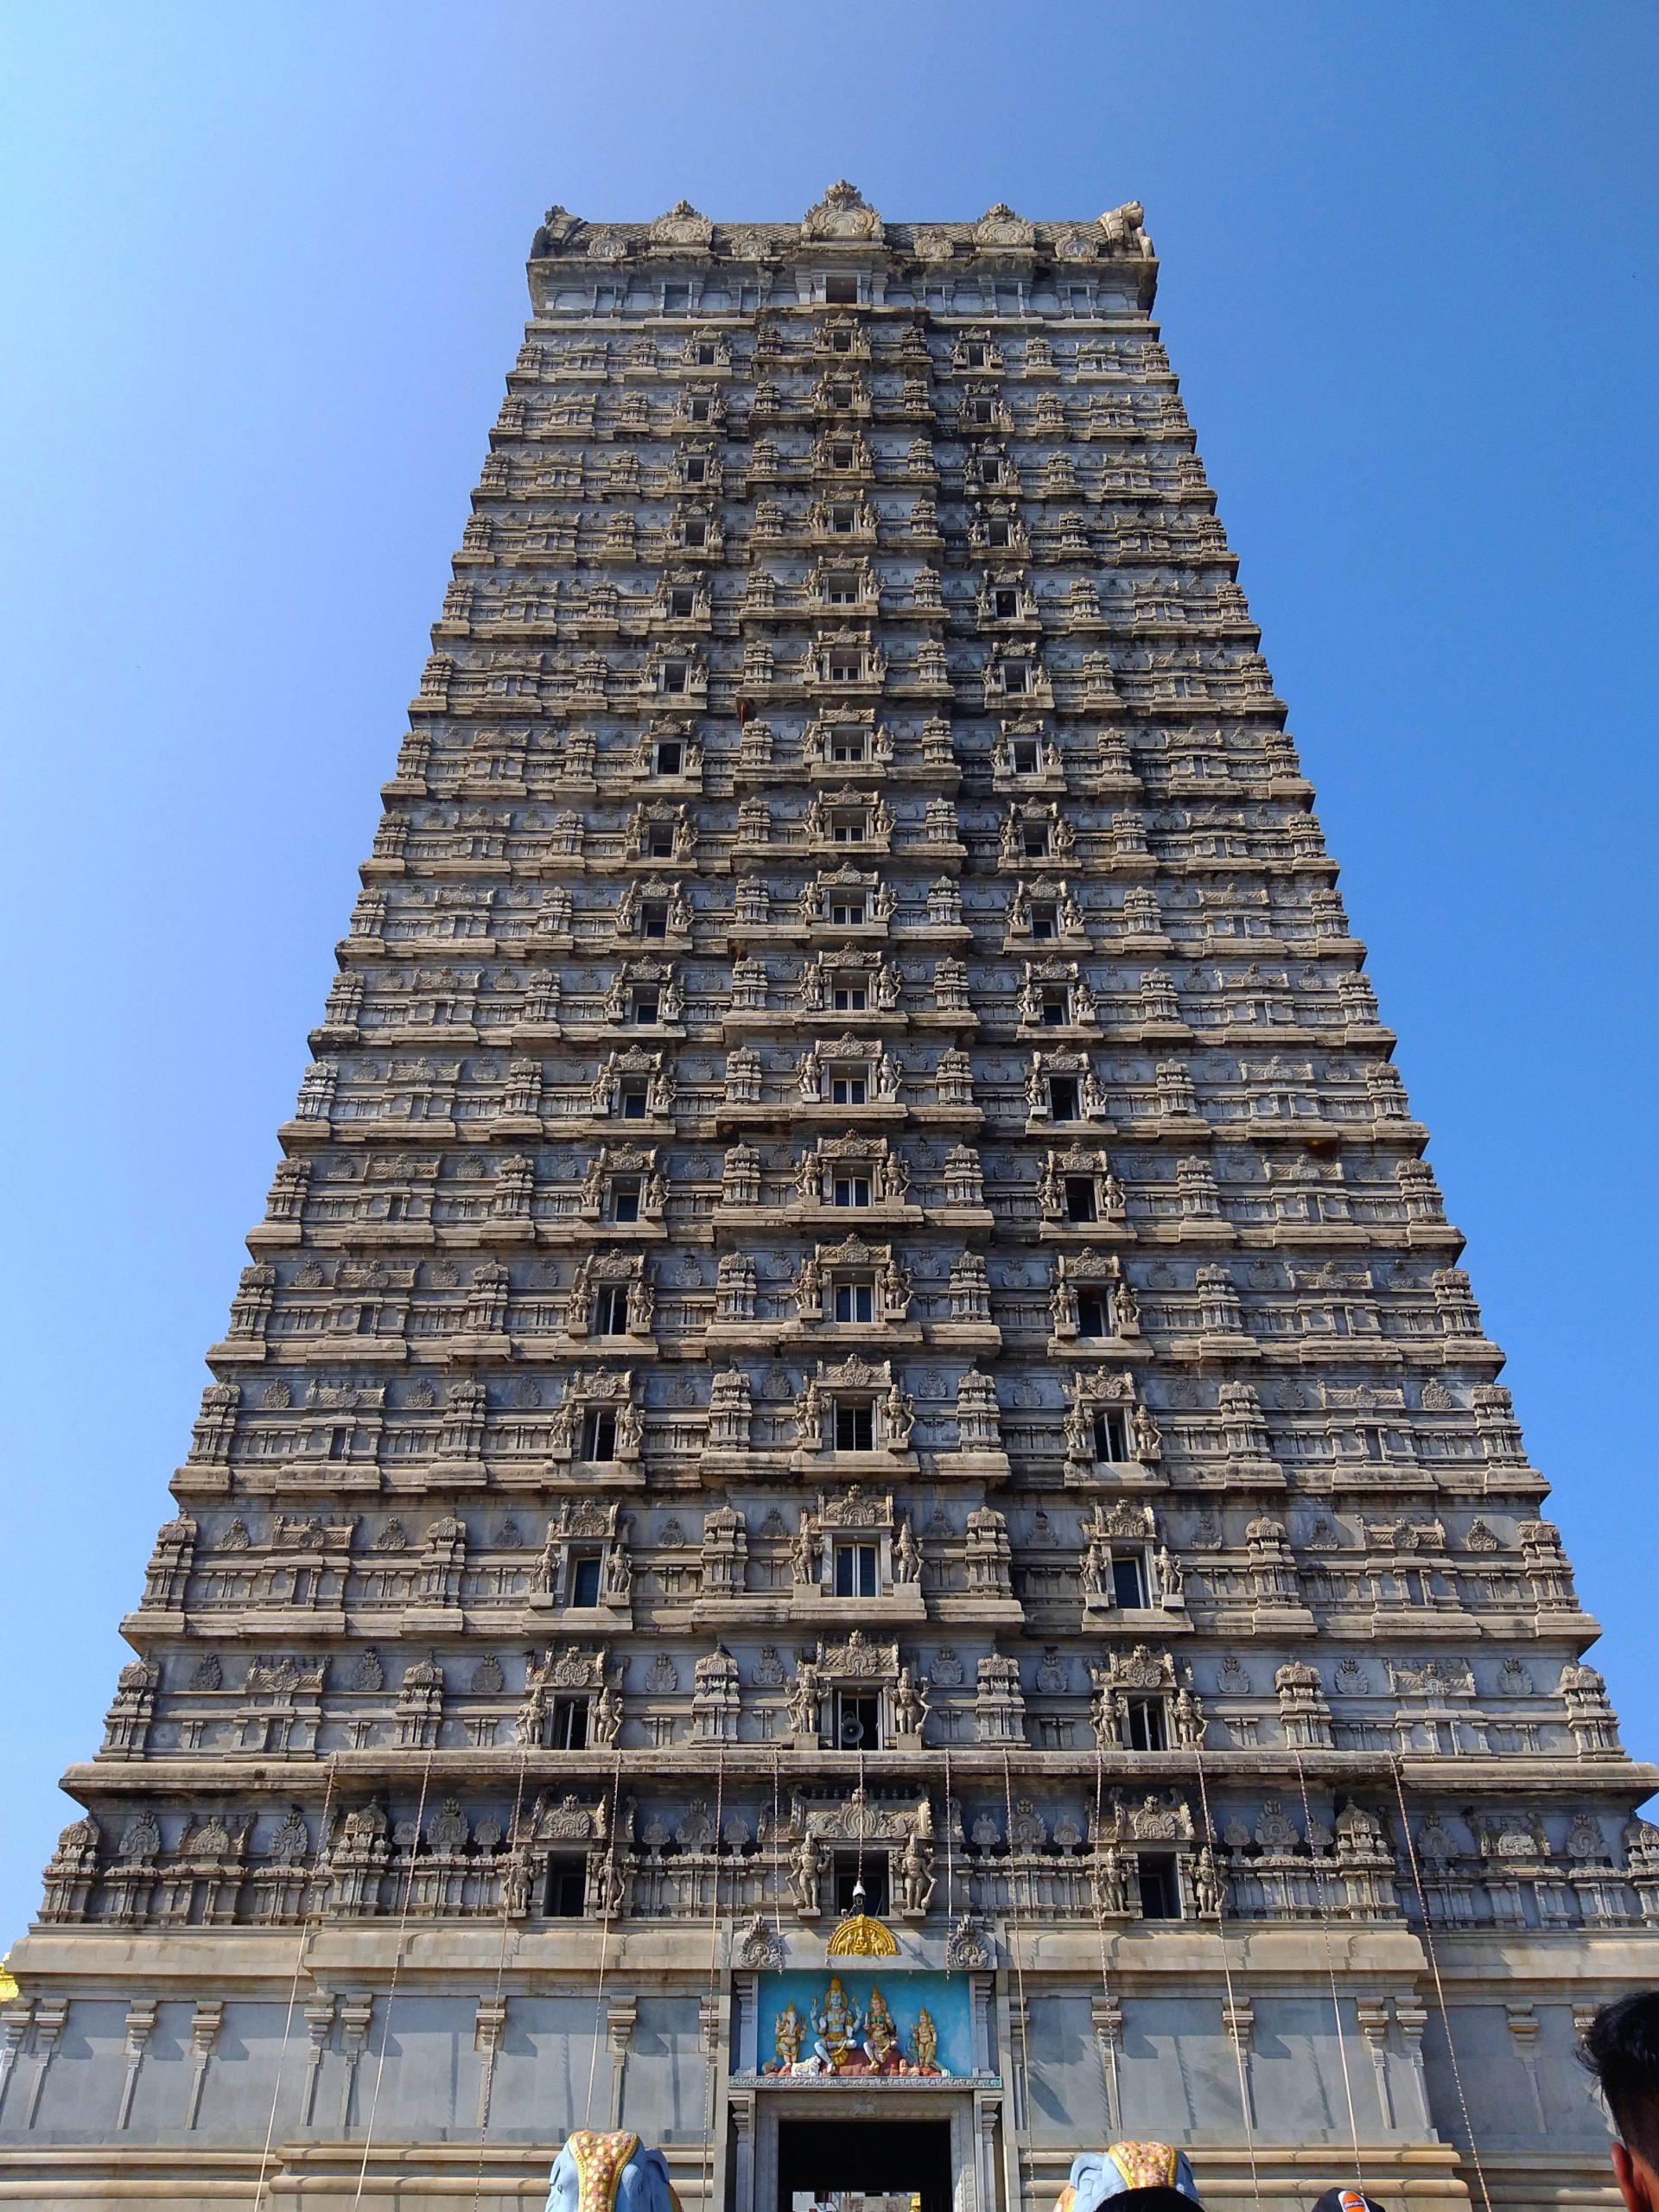 Murudeshwar in Karnataka